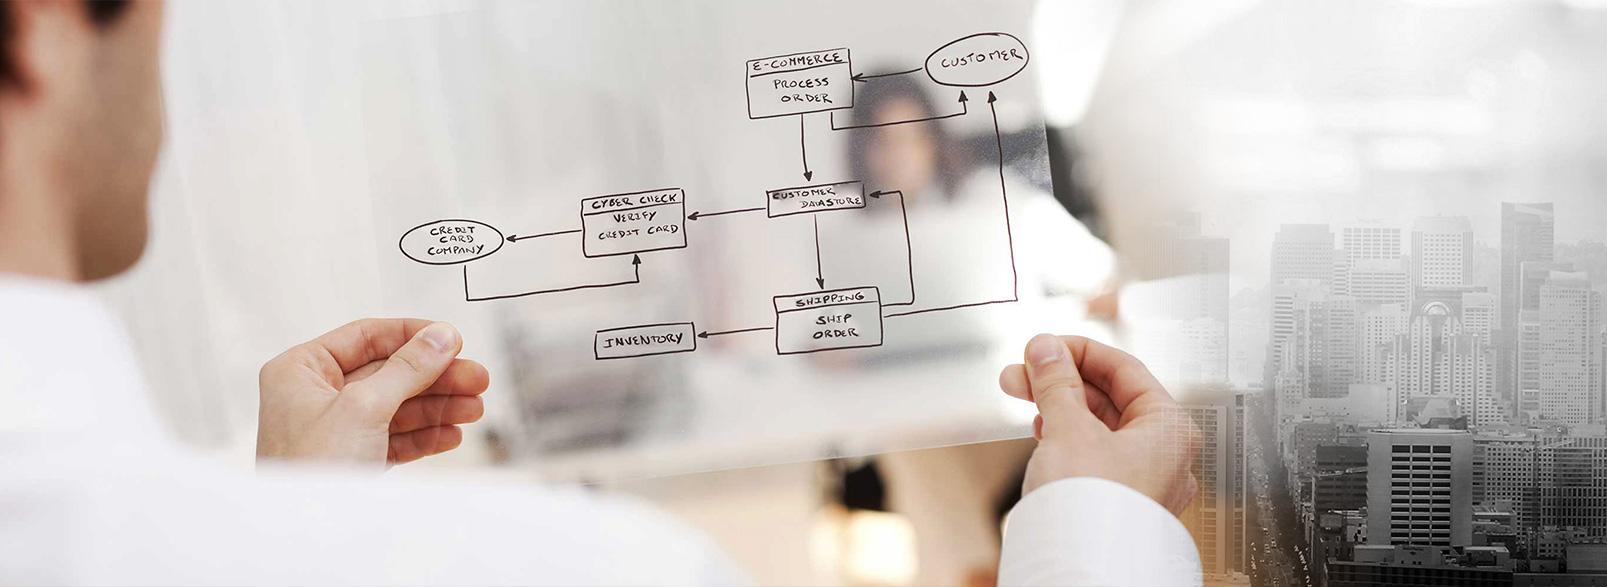 ارتباطات موثر، توسعه آسان و اثر بخشی فرایندهای سازمانی